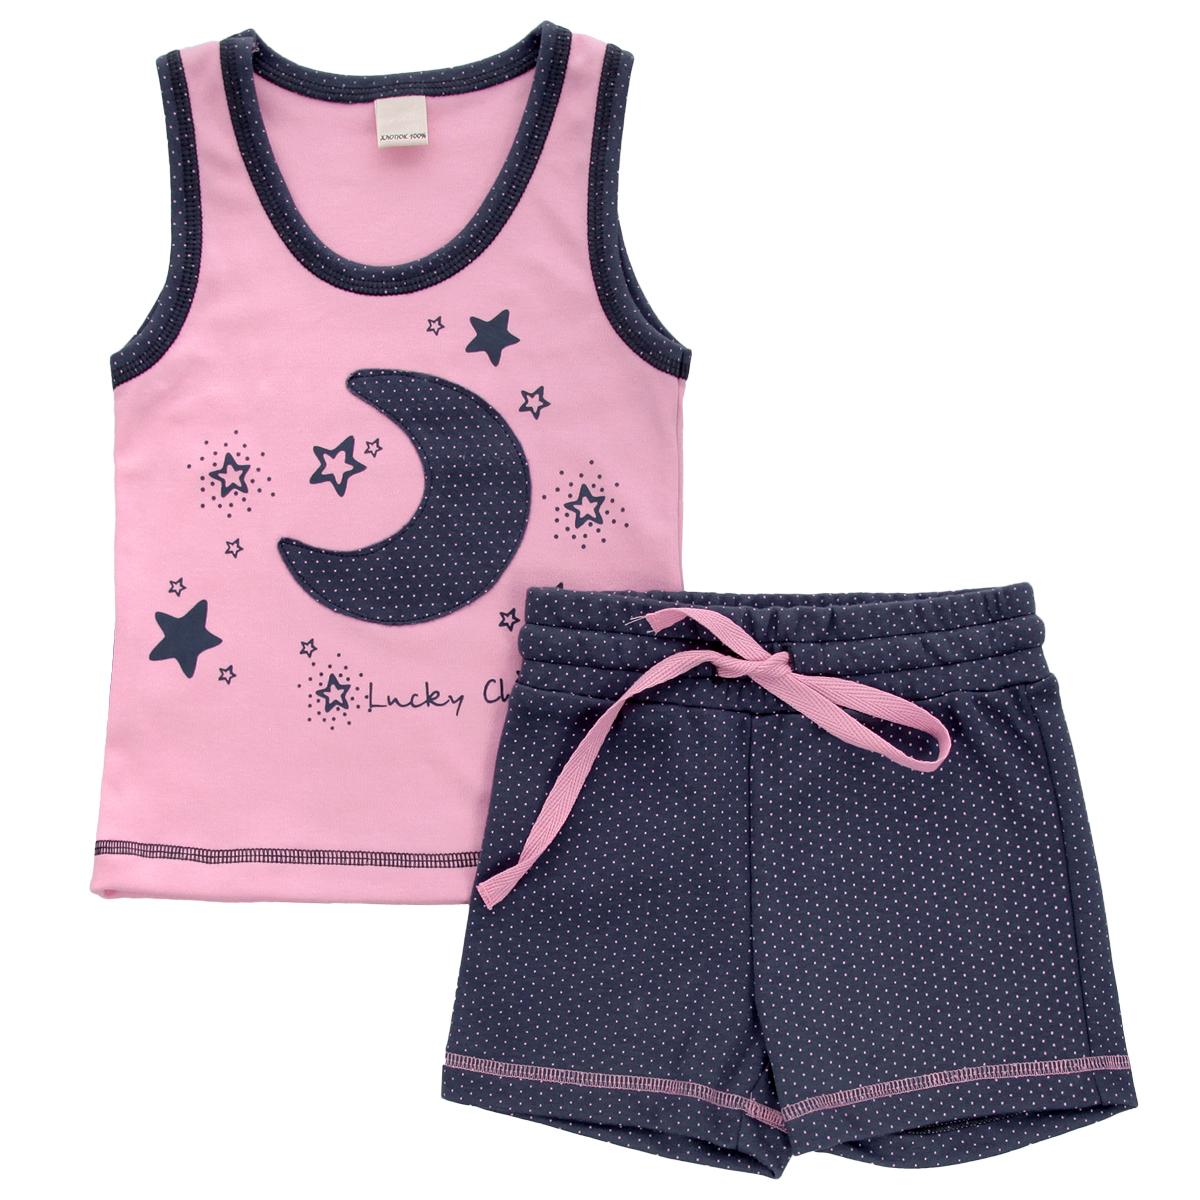 Комплект для девочки Lucky Child: майка, шорты, цвет: серо-фиолетовый, розовый. 12-411. Размер 128/134